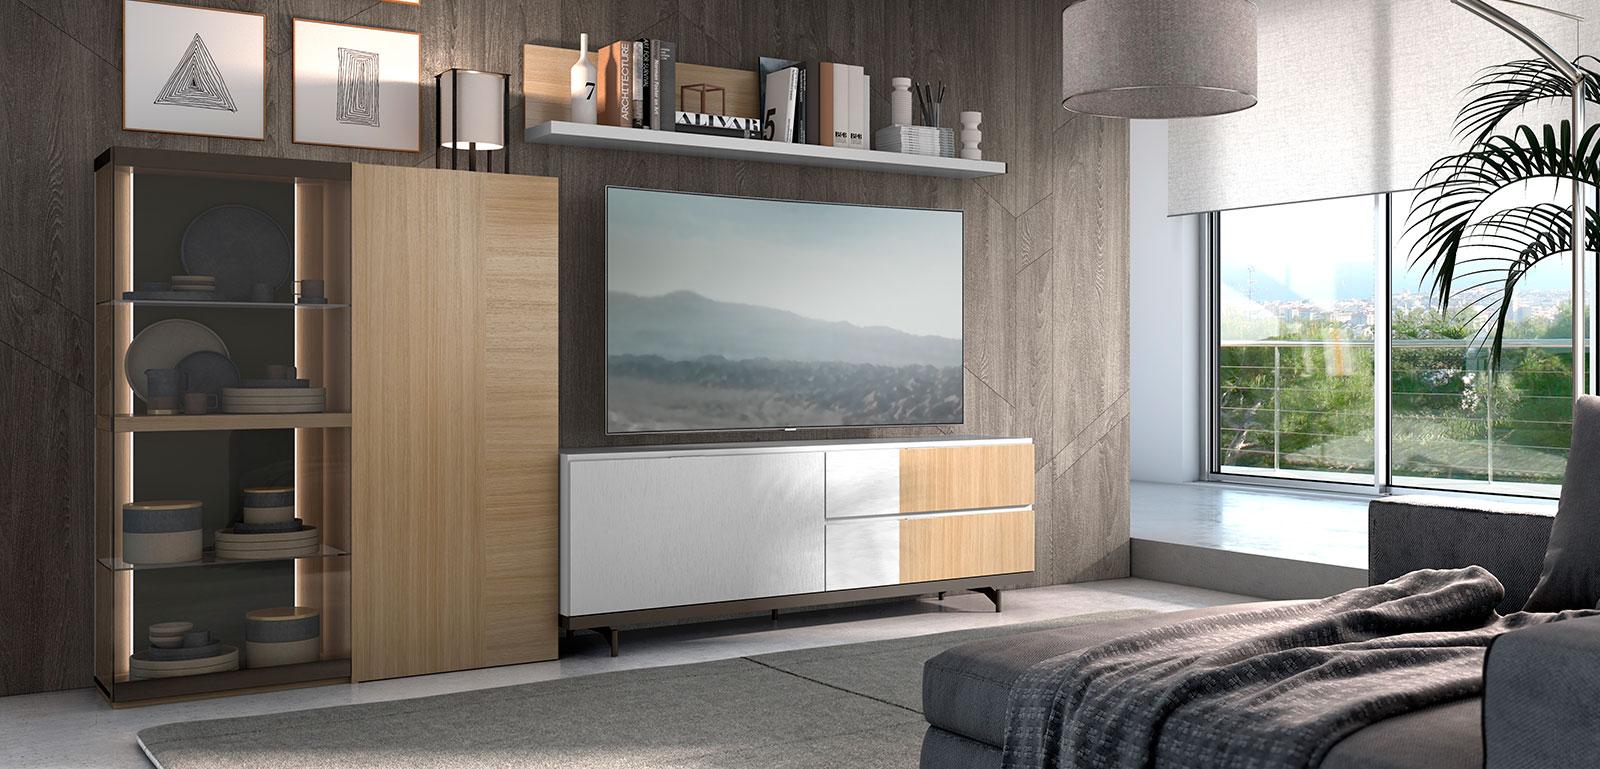 muebles contemporáneos